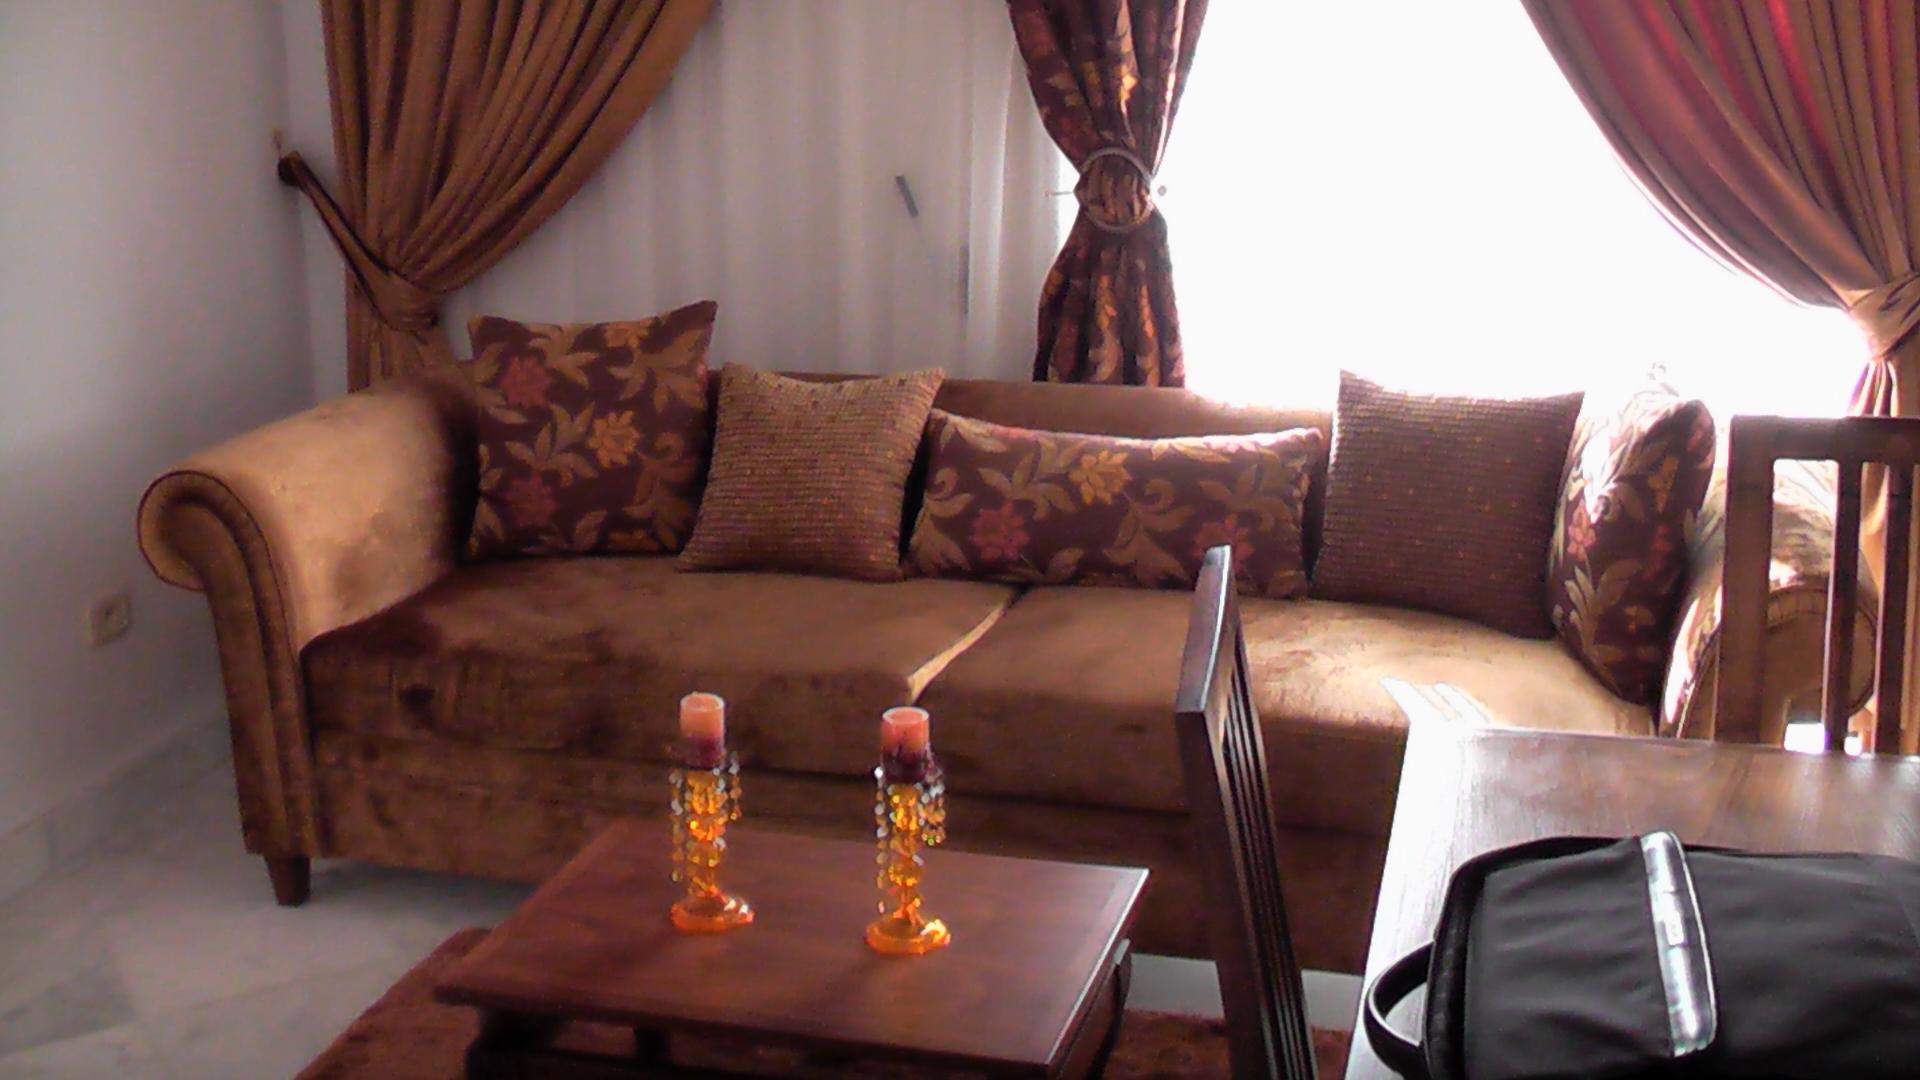 ennasr tunisie vente achat location appartement terrain maison villa tunis. Black Bedroom Furniture Sets. Home Design Ideas